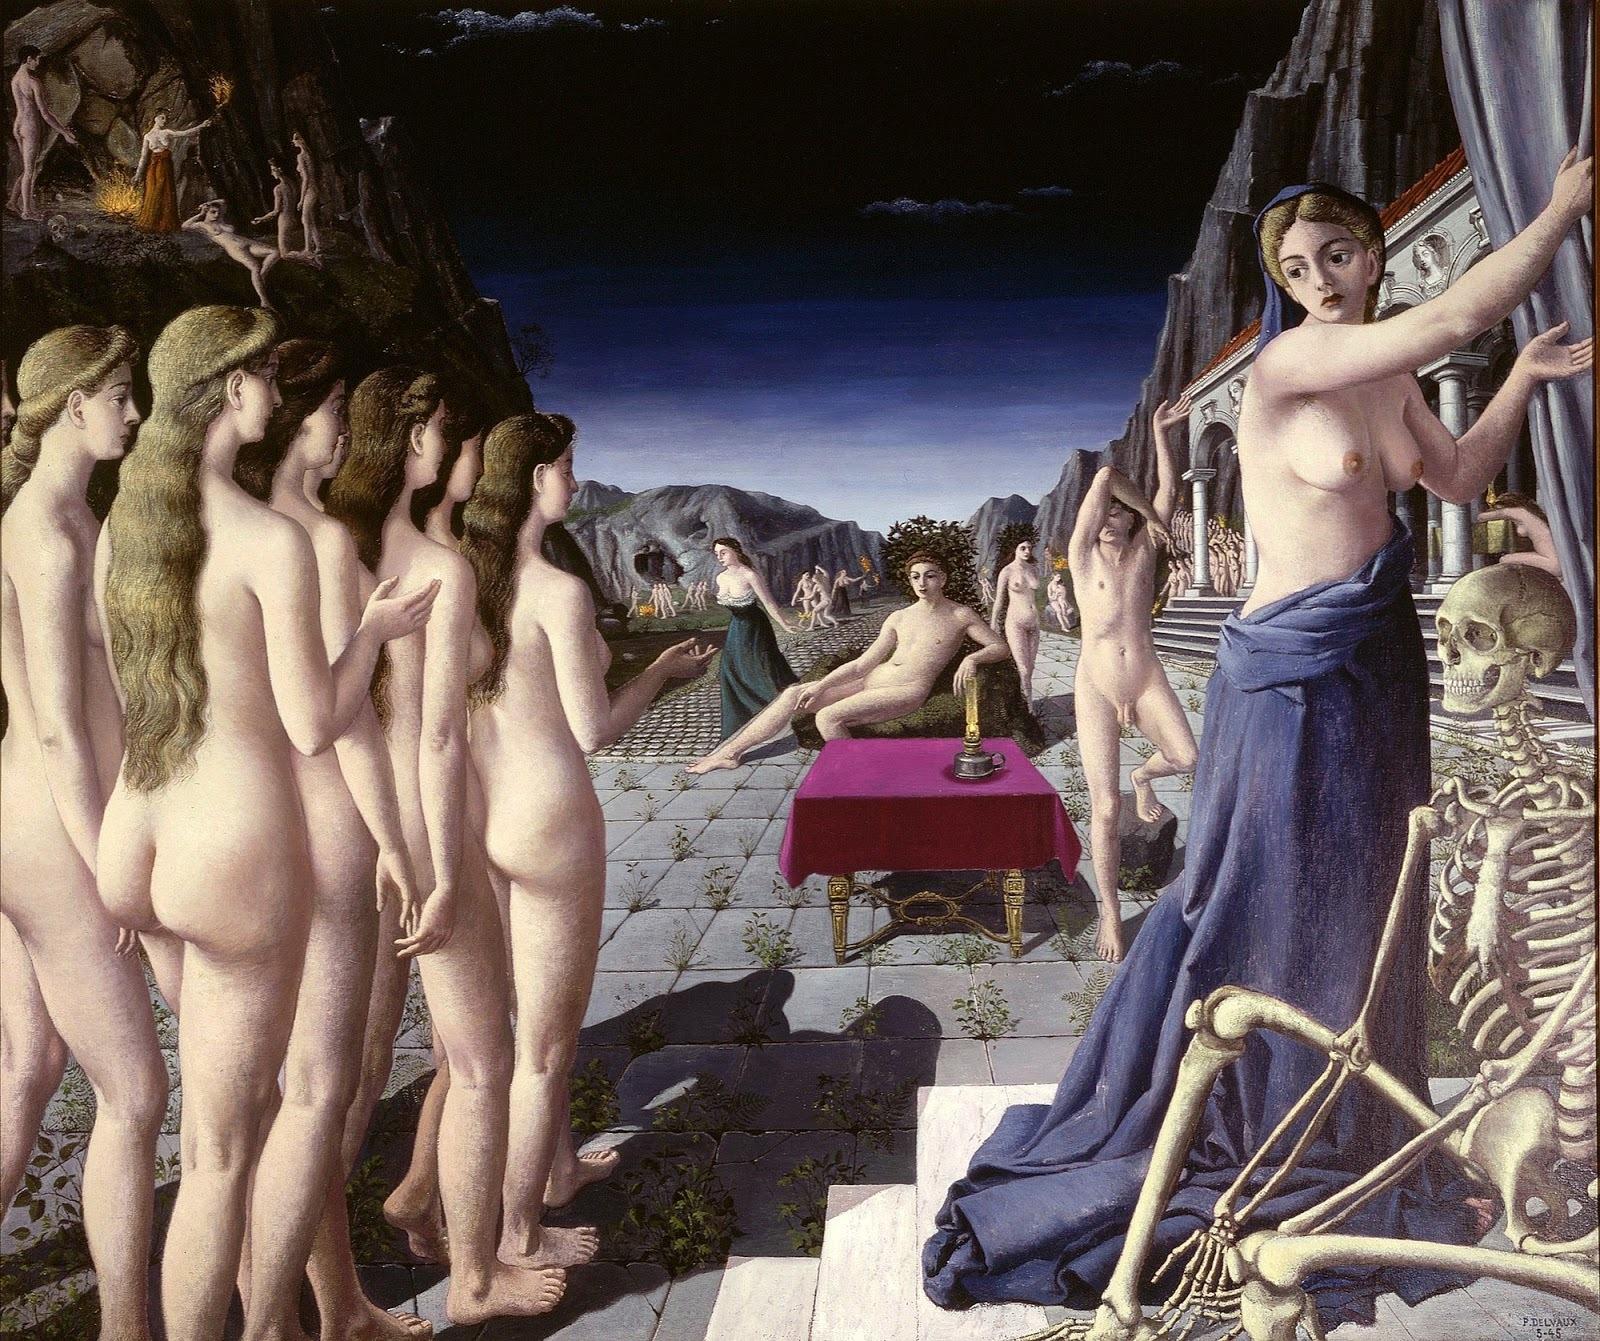 Поль Дельво. 1945. Огонь (The Fire). 194.3 х 230.5. Холст, масло. Сент Луис, Художественный музей.